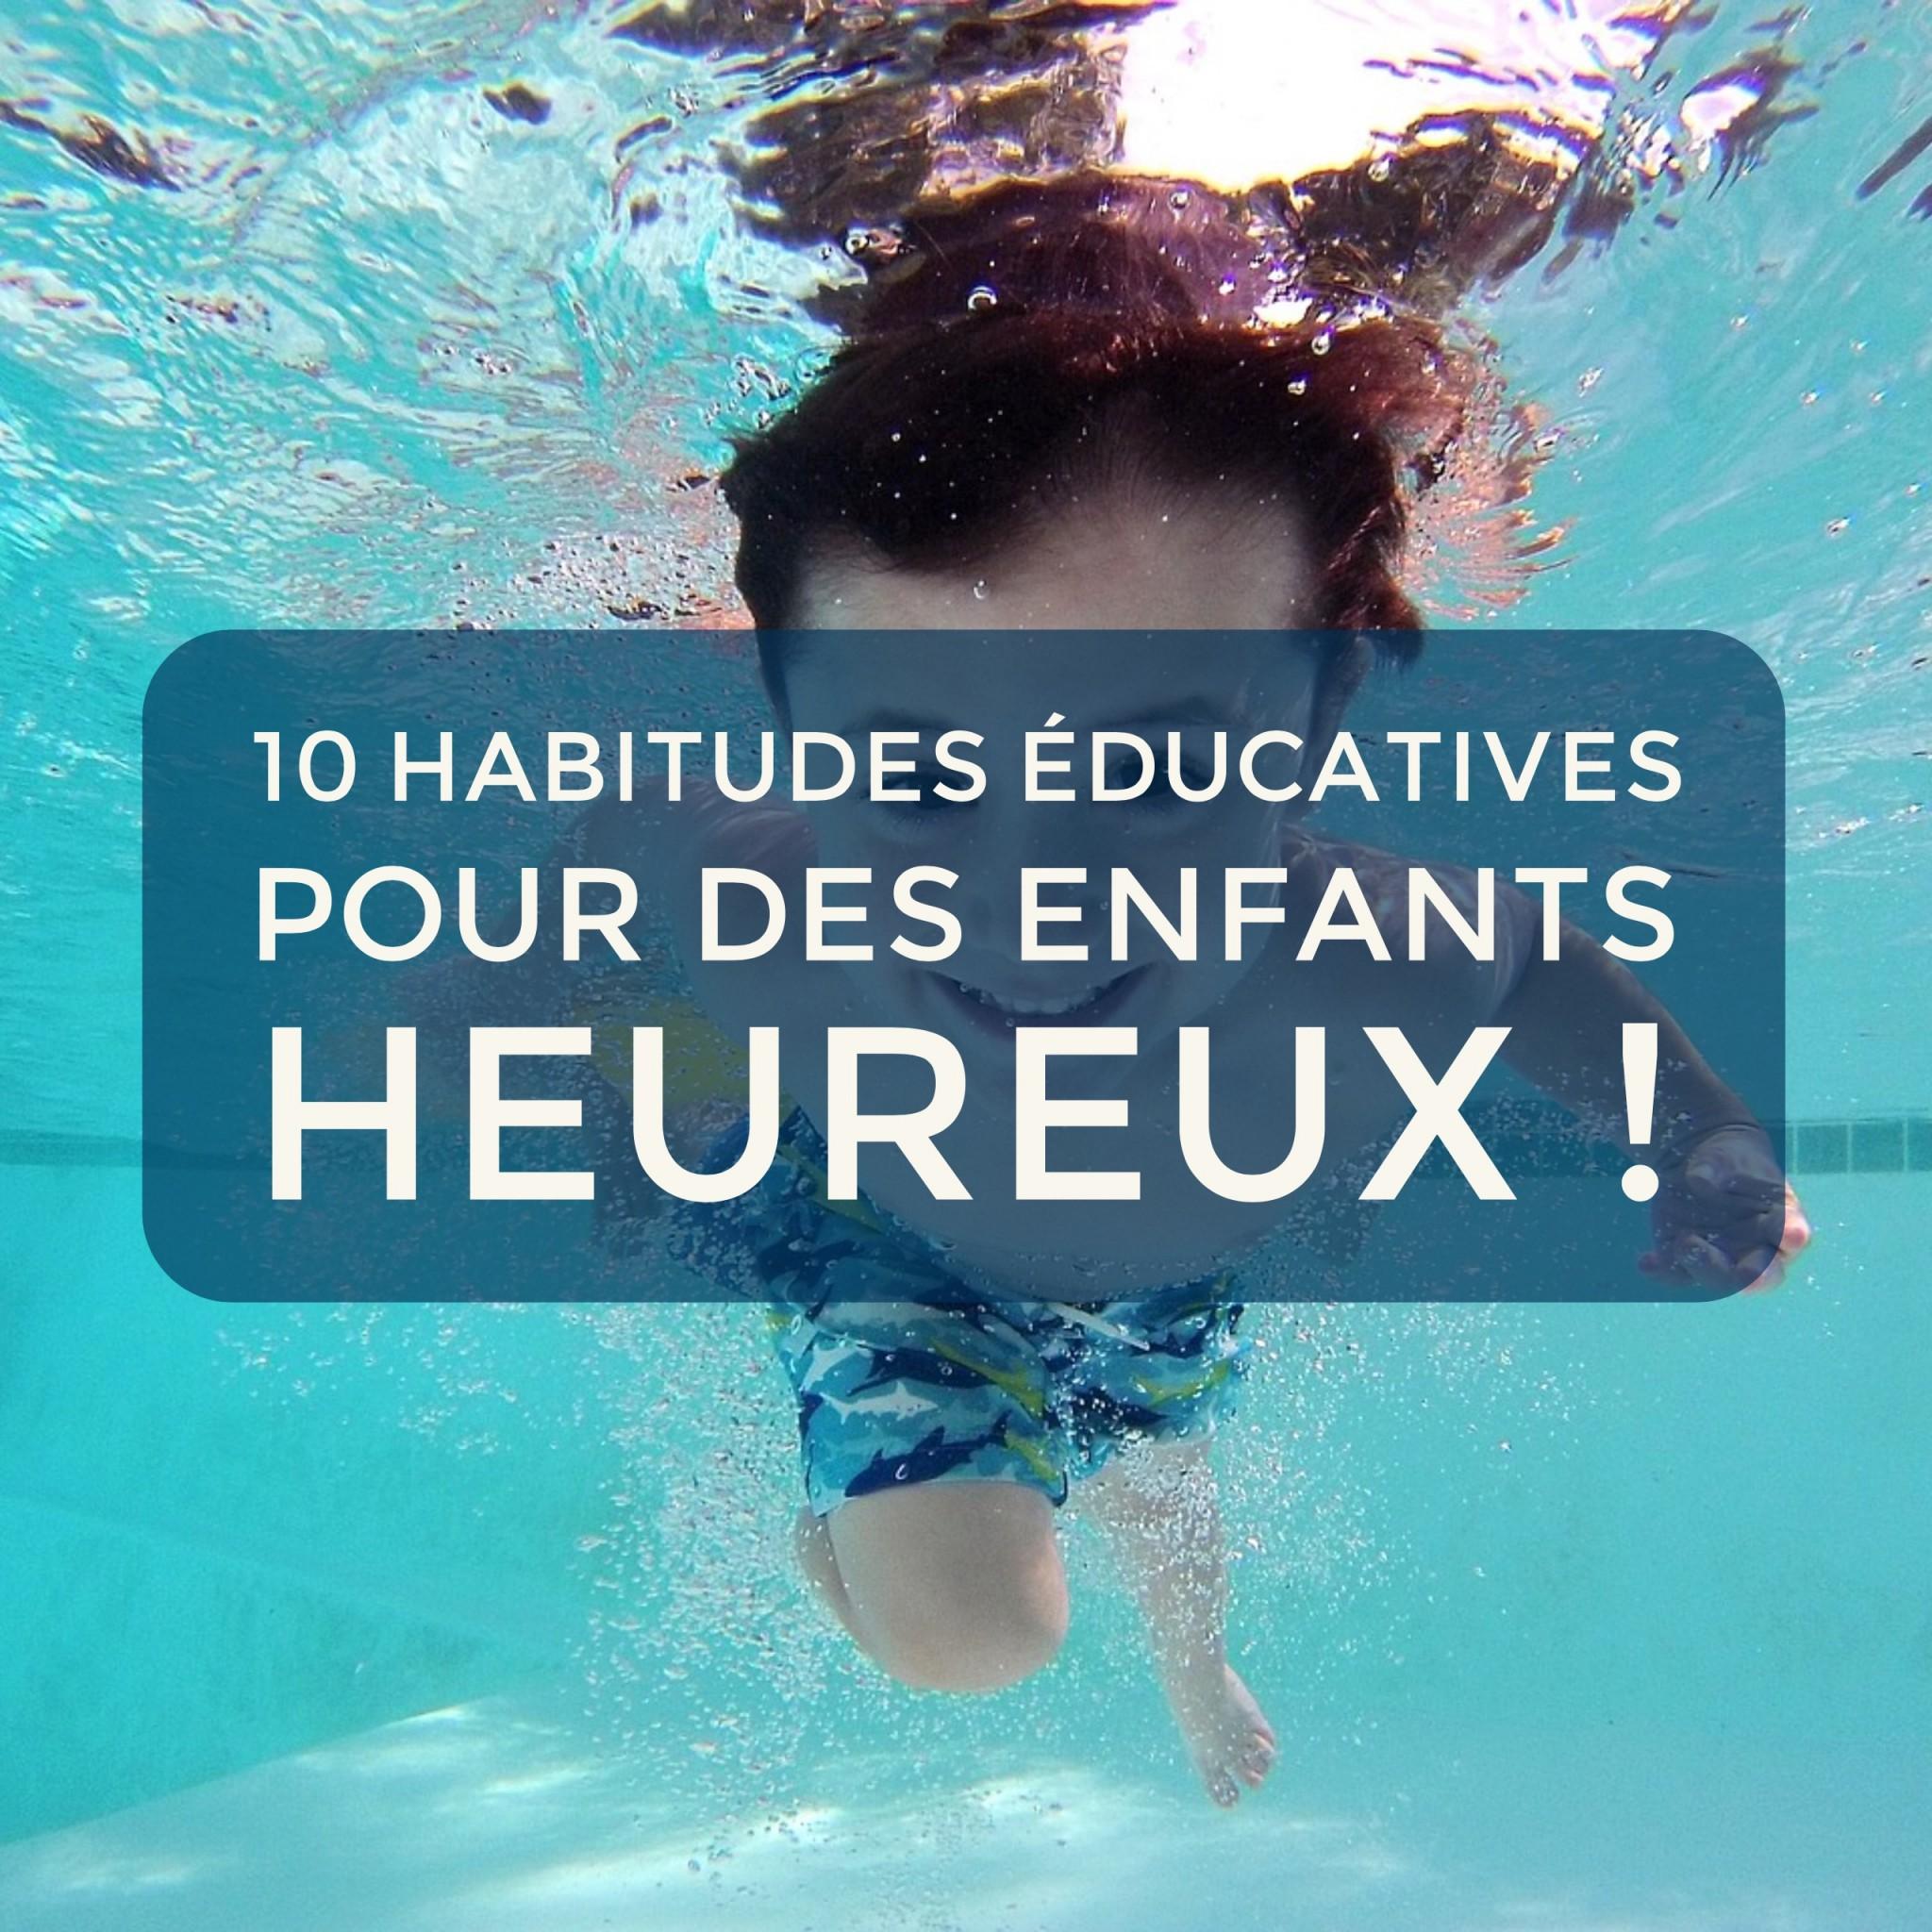 10 habitudes éducatives pour des enfants heureux !